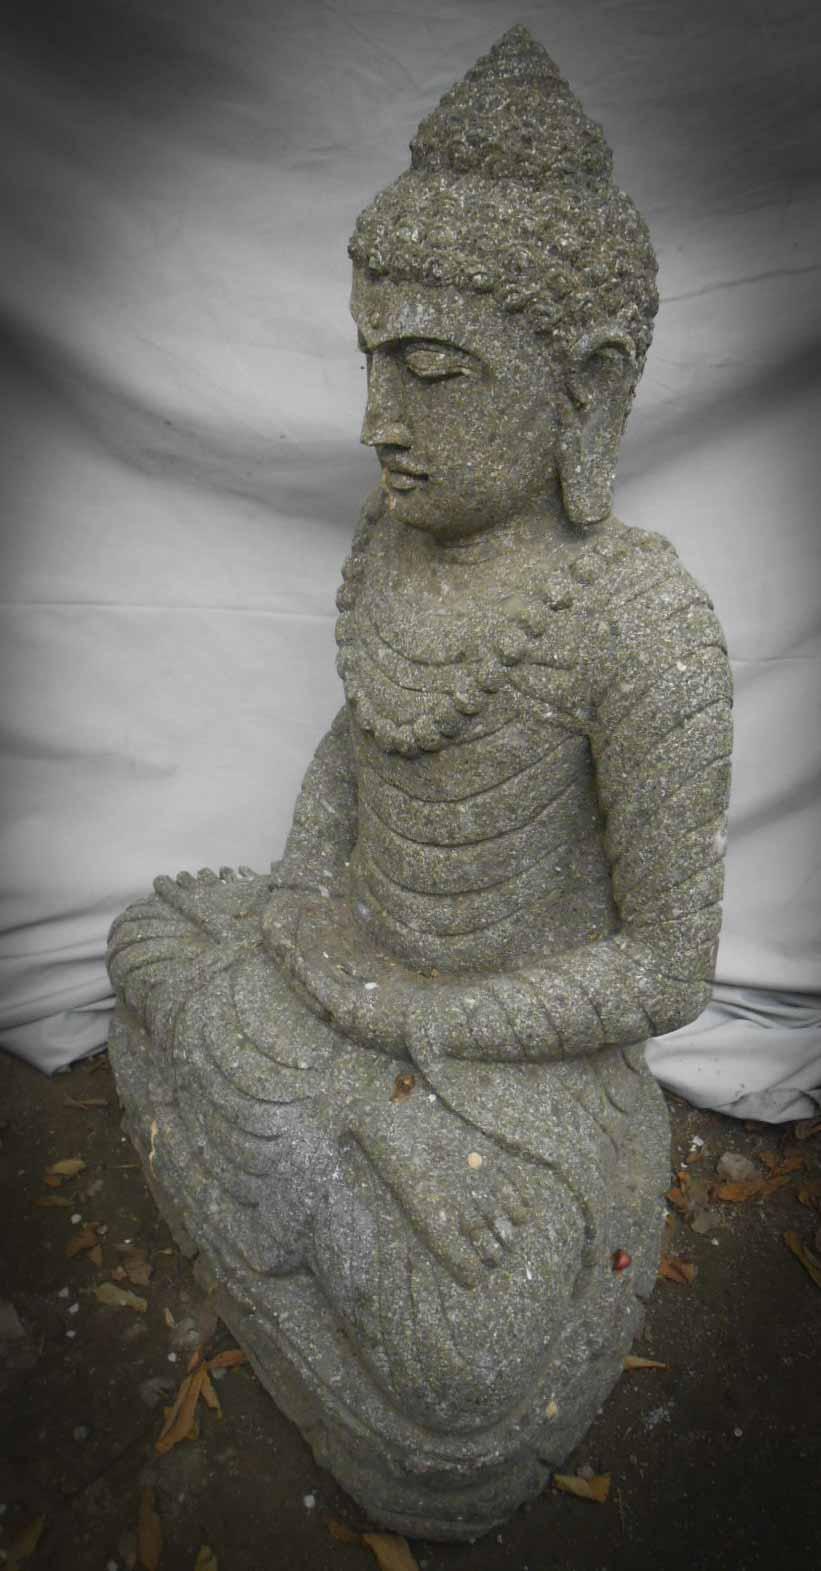 Statue jardin zen exterieur bouddha assis pierre - Statue bouddha exterieur pour jardin ...